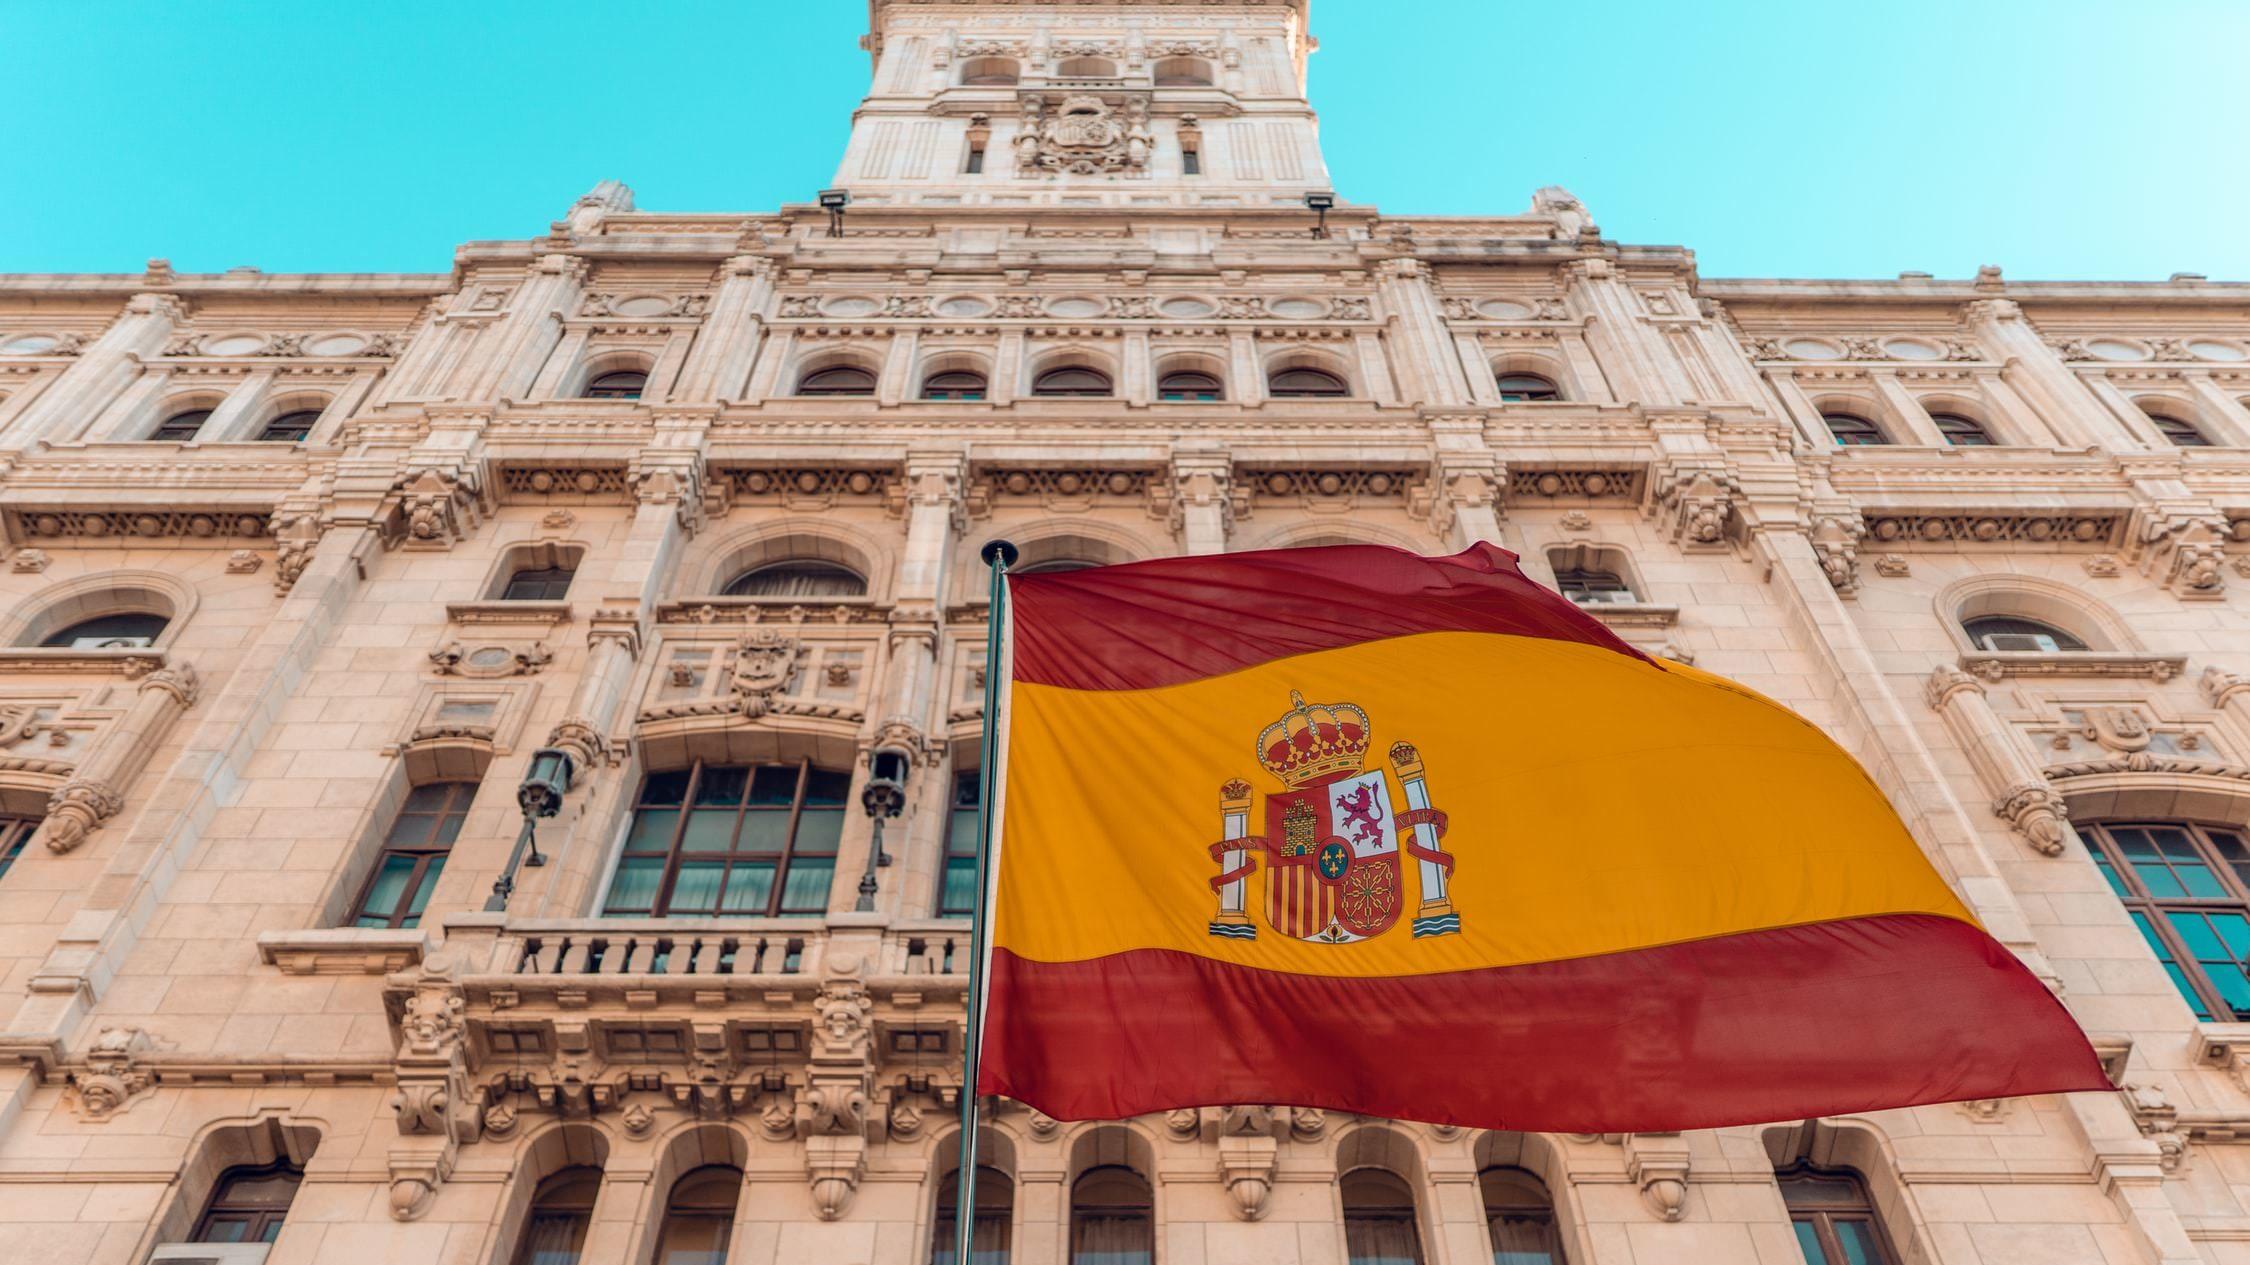 【無敵艦隊スペイン】ラ・ロハによる時代を象徴づける勝利